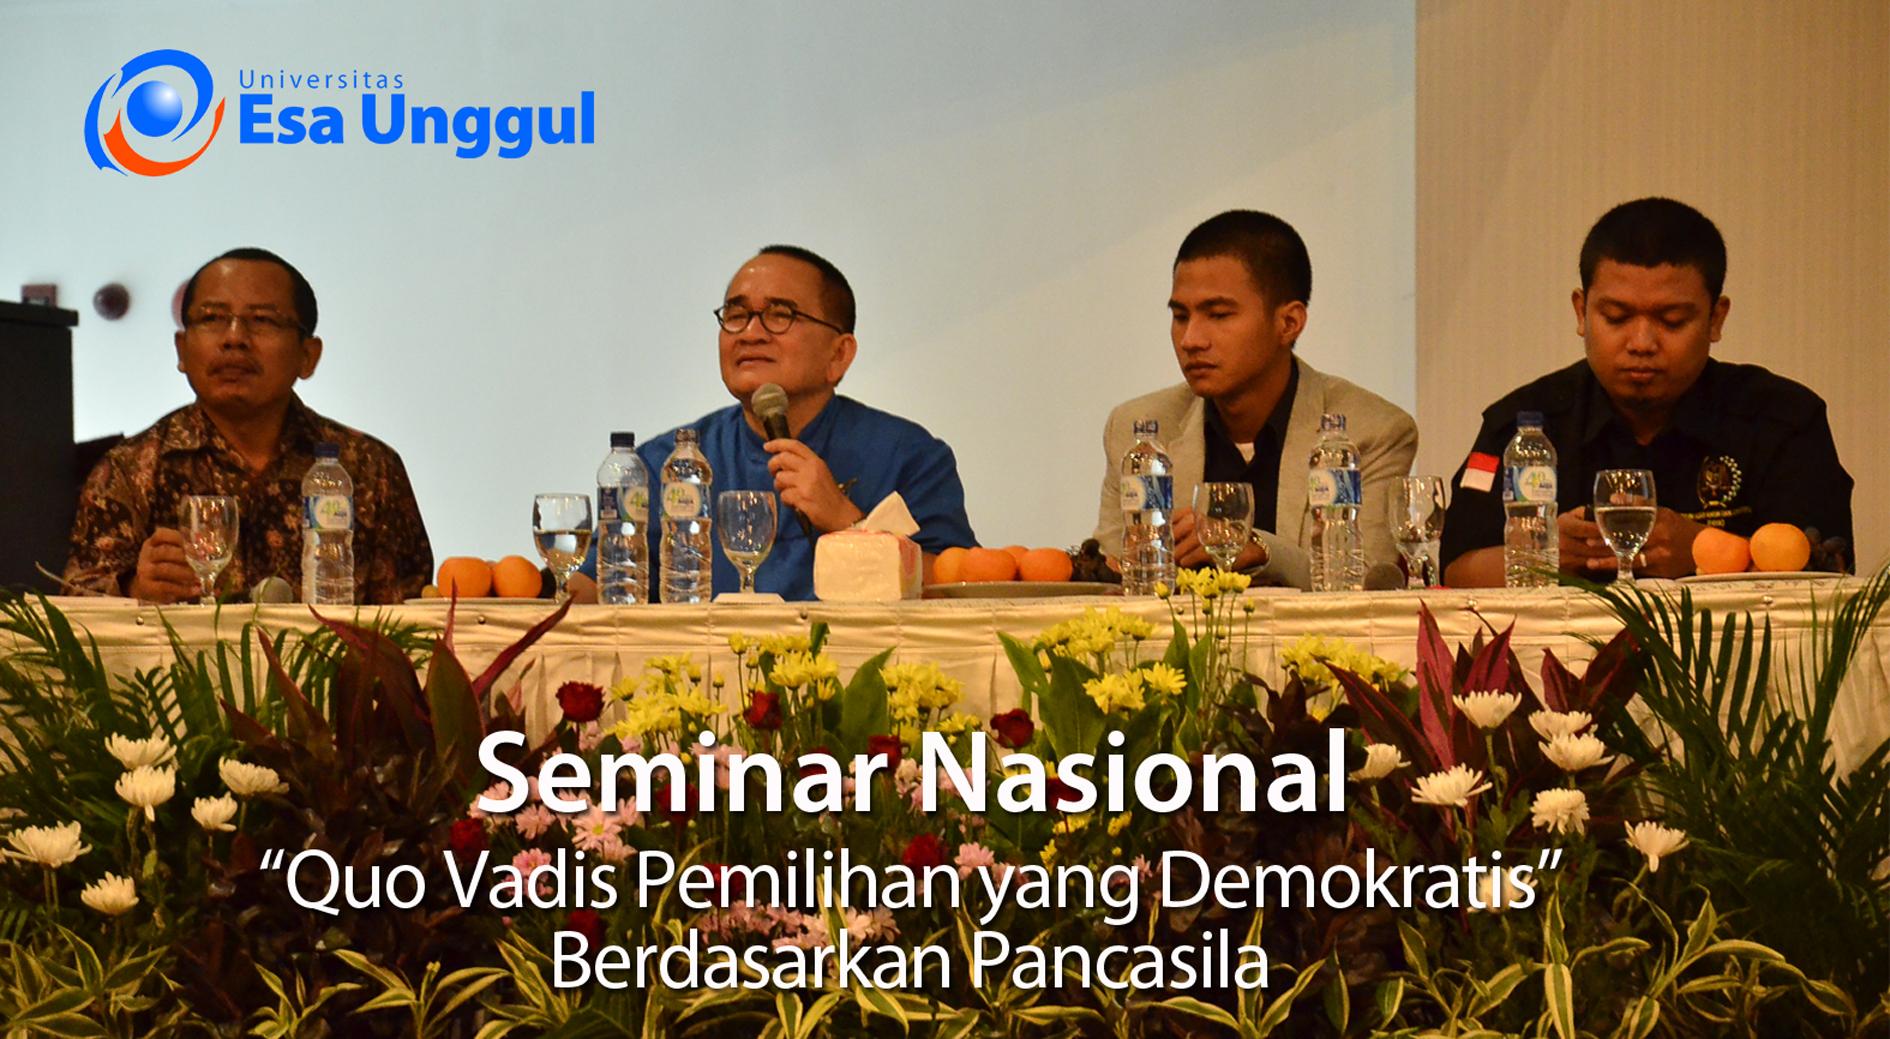 """Seminar Nasional """" Quo Vadis Pemilihan yang Demokratis Berdasarkan Pancasila"""""""